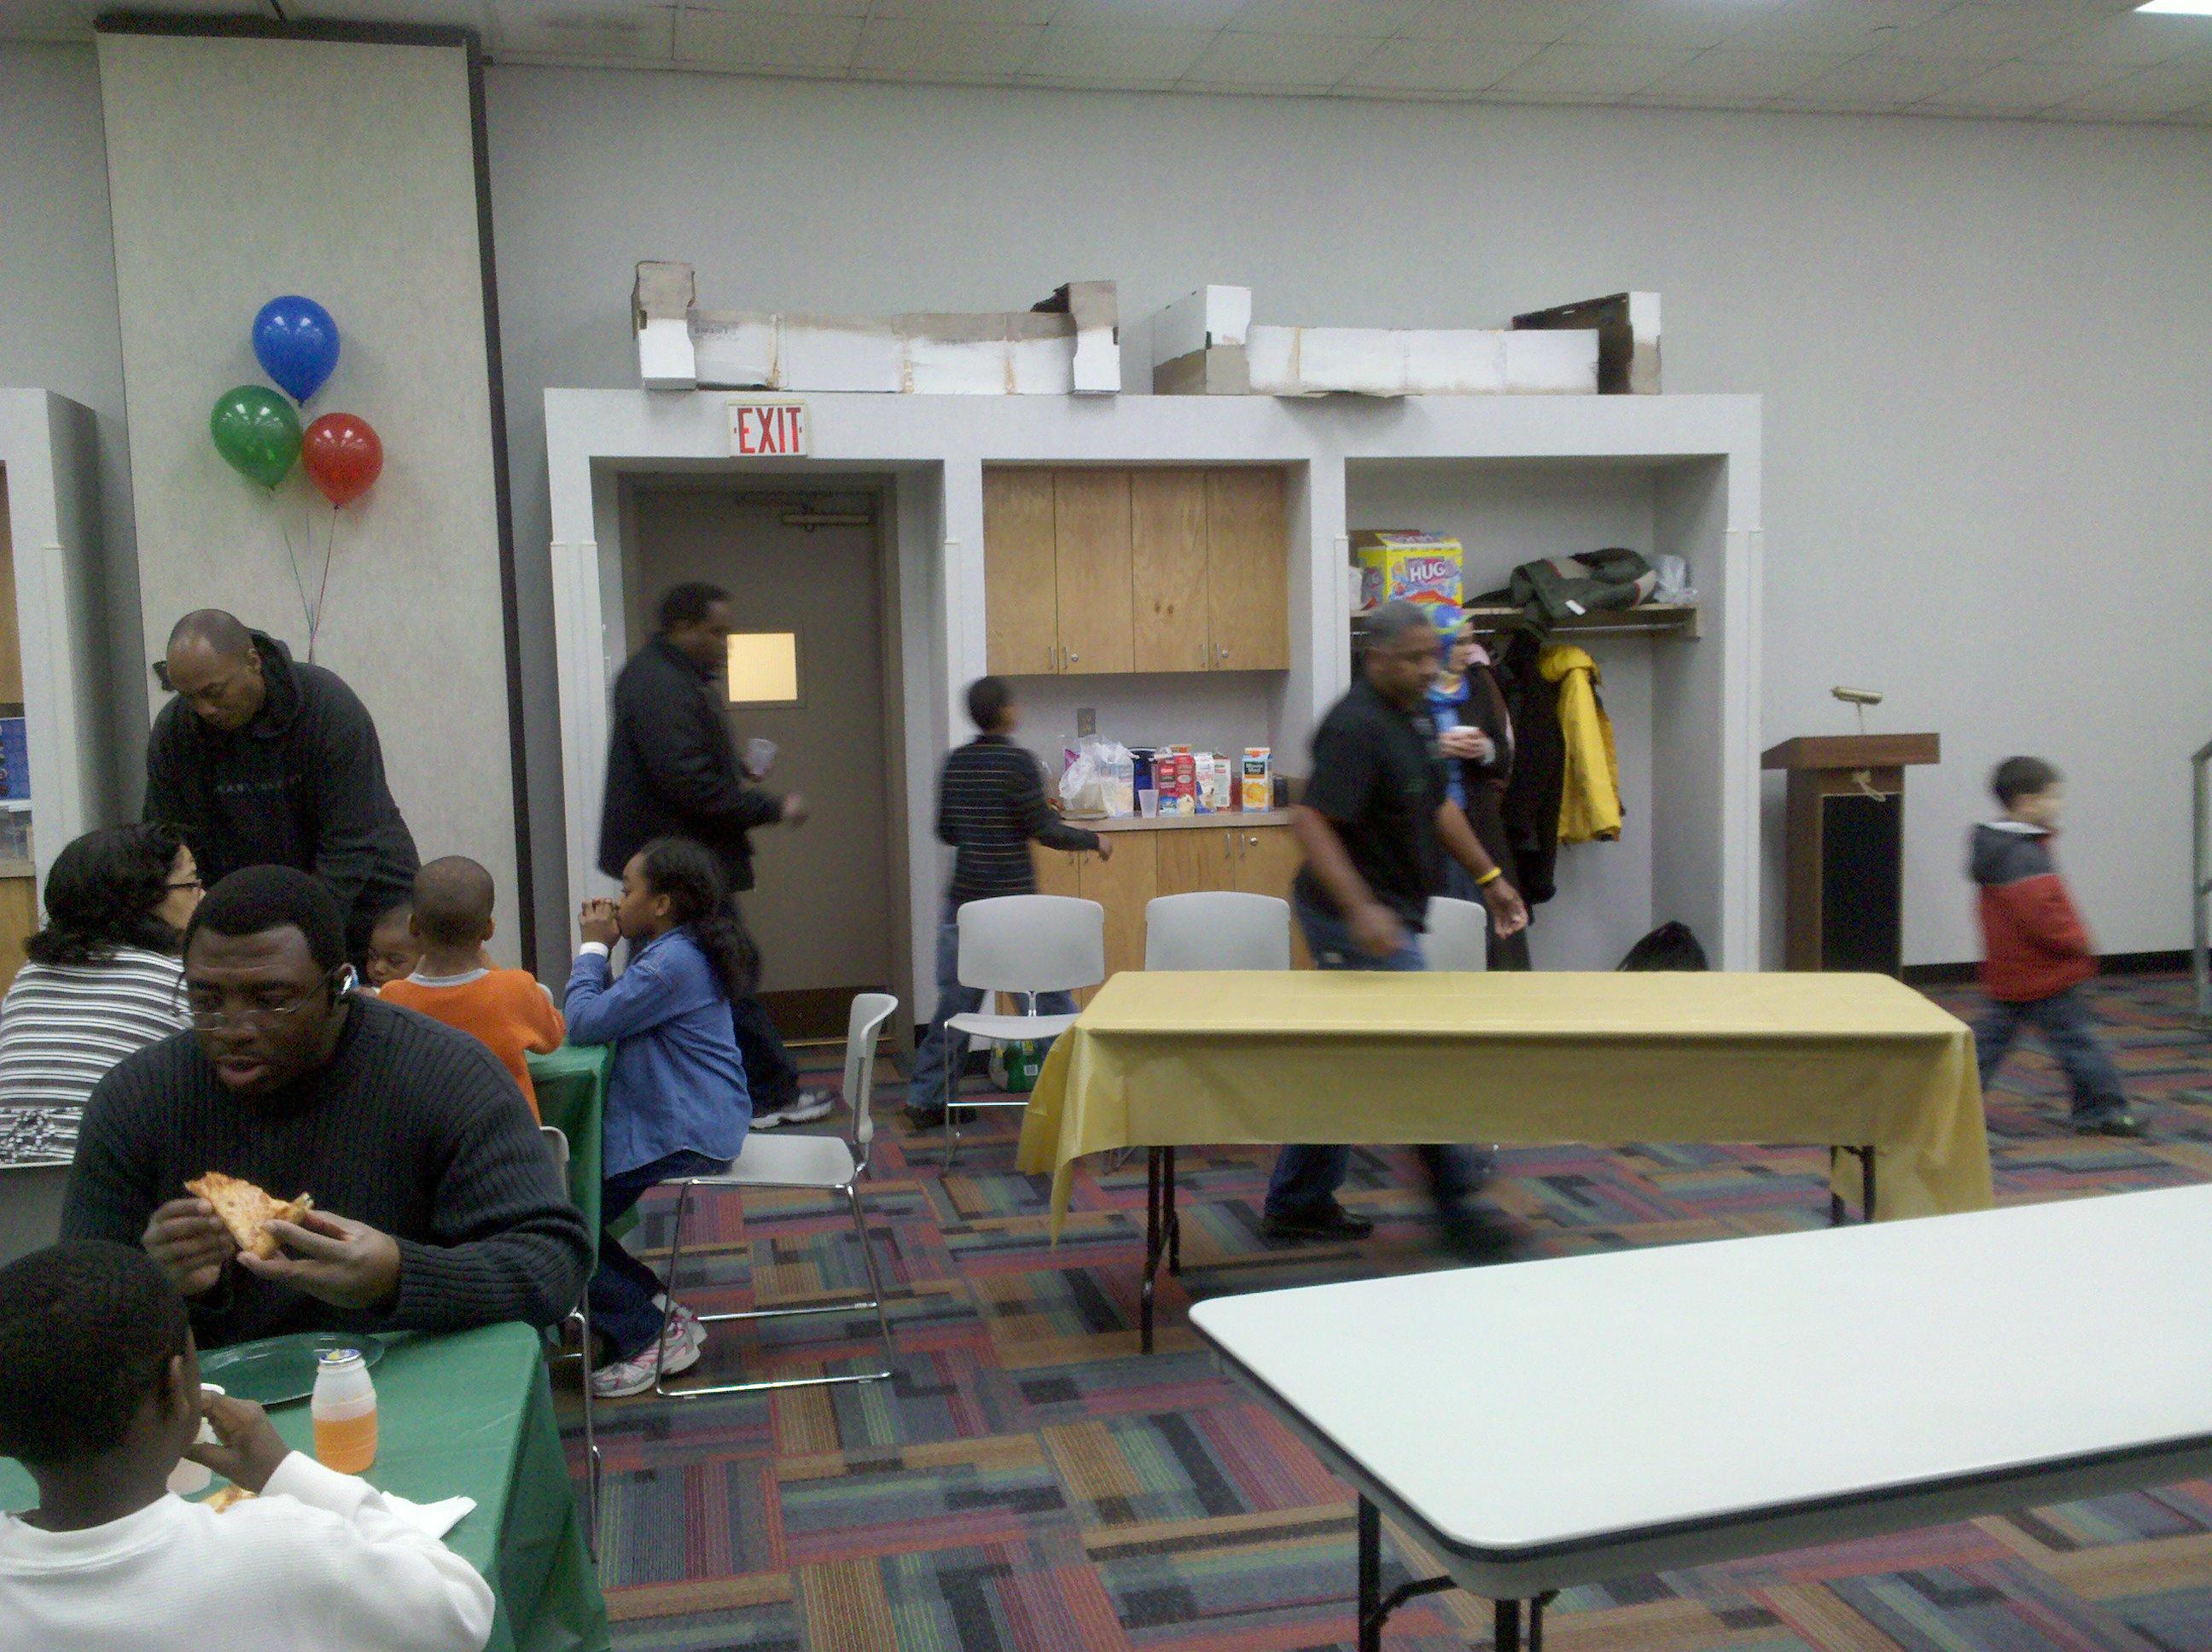 2009-12-22 19.17.11.jpg